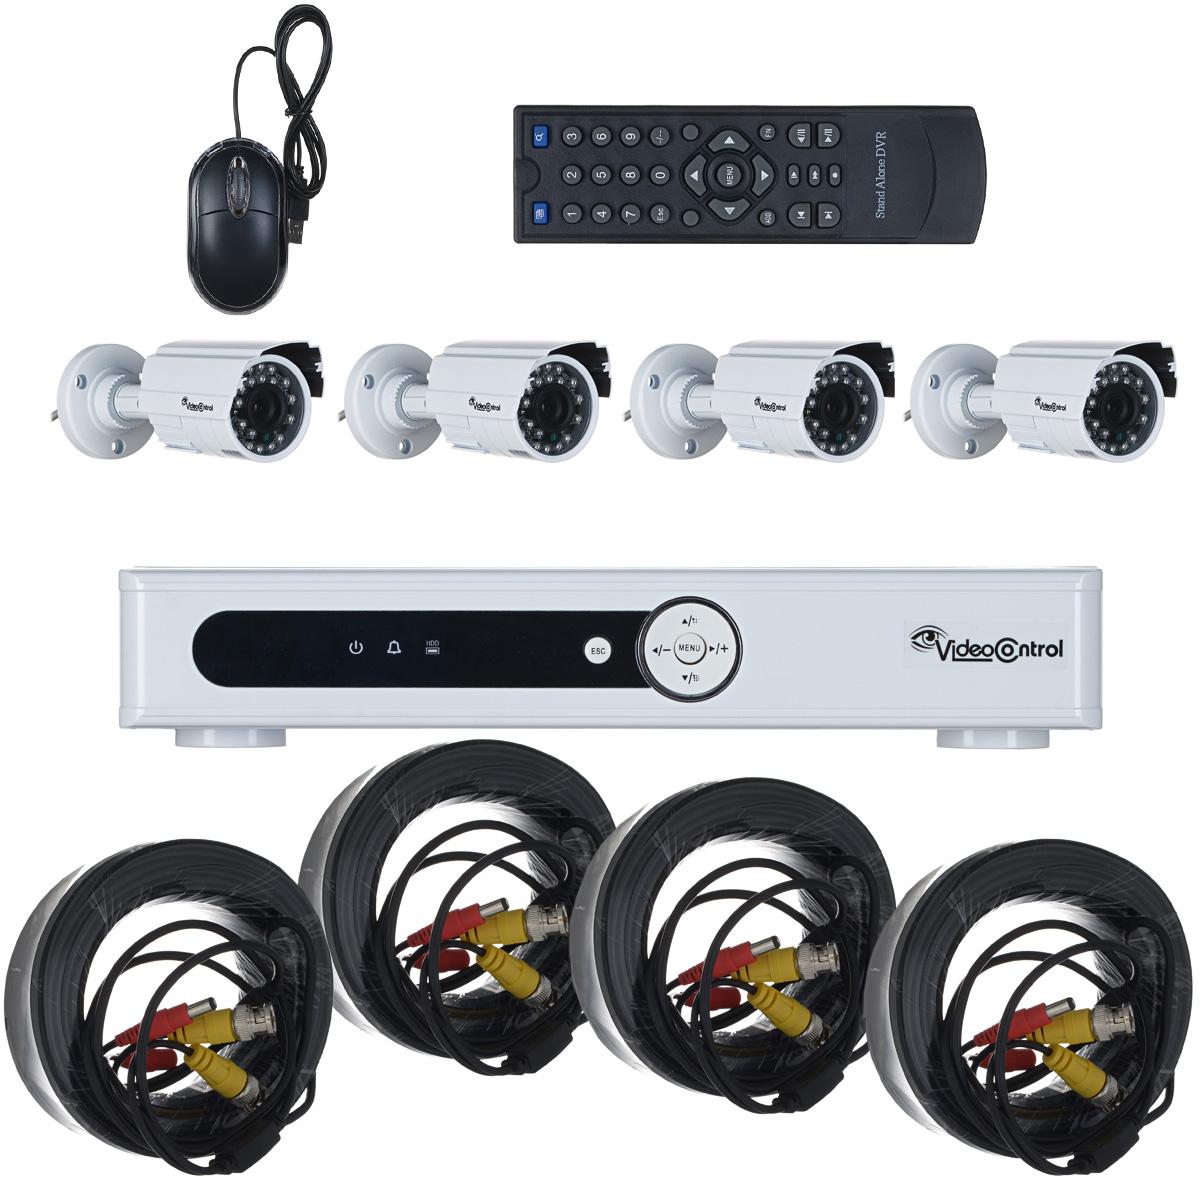 Video Control VC-4SD5A-HD система видеонаблюденияVC-4SD5A-HDКомплект видеонаблюдения Video Control VC-4SD5A-HD - это оптимальное и высококачественное решение для создания системы видеонаблюдения в квартире или загородном доме, офисе или магазине, даче или складе, на улице или в помещении. Изначально комплект видеонаблюдения Video Control был создан таким образом, чтобы установить его мог любой человек за 15 минут и при этом не требовалось бы никаких специальных навыков. Инсталляция системы видеонаблюдения Video Control не сложнее, чем подключение игровой приставки или DVD плеера к телевизору. В одной коробке собрано все, что необходимо, чтобы быстро развернуть качественную систему видеонаблюдения в любом помещении или на улице.Теперь вам не нужно тратиться на монтаж и настройку и при этом вы можете быть уверены в надежной защите вашей квартиры или дачи или любой другой недвижимости. В комплекте VC-4SD5A-HD вы найдете: 4х канальный видеорегистратор высокого разрешения VC-D5AUSB-HD, 4 компактные высококачественные камеры высокого разрешения VC-IR7007CW-HD с инфракрасной подсветкой, мощный стабилизированный блок питания для подключения видеорегистратора и камер силой тока 5А, 4 кабеля длиной 20 метров для подключения камер к регистратору и блоку питания, разветвители питания для камер, крепежные материалы, мышка и пульт ДУ для видеорегистратора, а также инструкция.Стоит обратить внимание, что видеорегистратор Video Control VC-D5AUSB-HD поддерживает воспроизведение и запись изображения в режиме Analog High Definition (AHD) при разрешении 960H, а также, как и камеры видеонаблюдения Video Control VC-IR7007CW-HD, идущие в комплекте, что позволяет вам получить лучшее изображение по сравнению с обычной аналоговой системой при самых минимальных затратах.Блок:Компрессия видео: H.264Формат передачи данных: H.264Операционная система: LinuxСкорость просмотра: 100/120 к/с на каждый видеоканал при максимальном разрешении 960HСкорость записи: 100/120 к/с на каждый видеоканал при раз